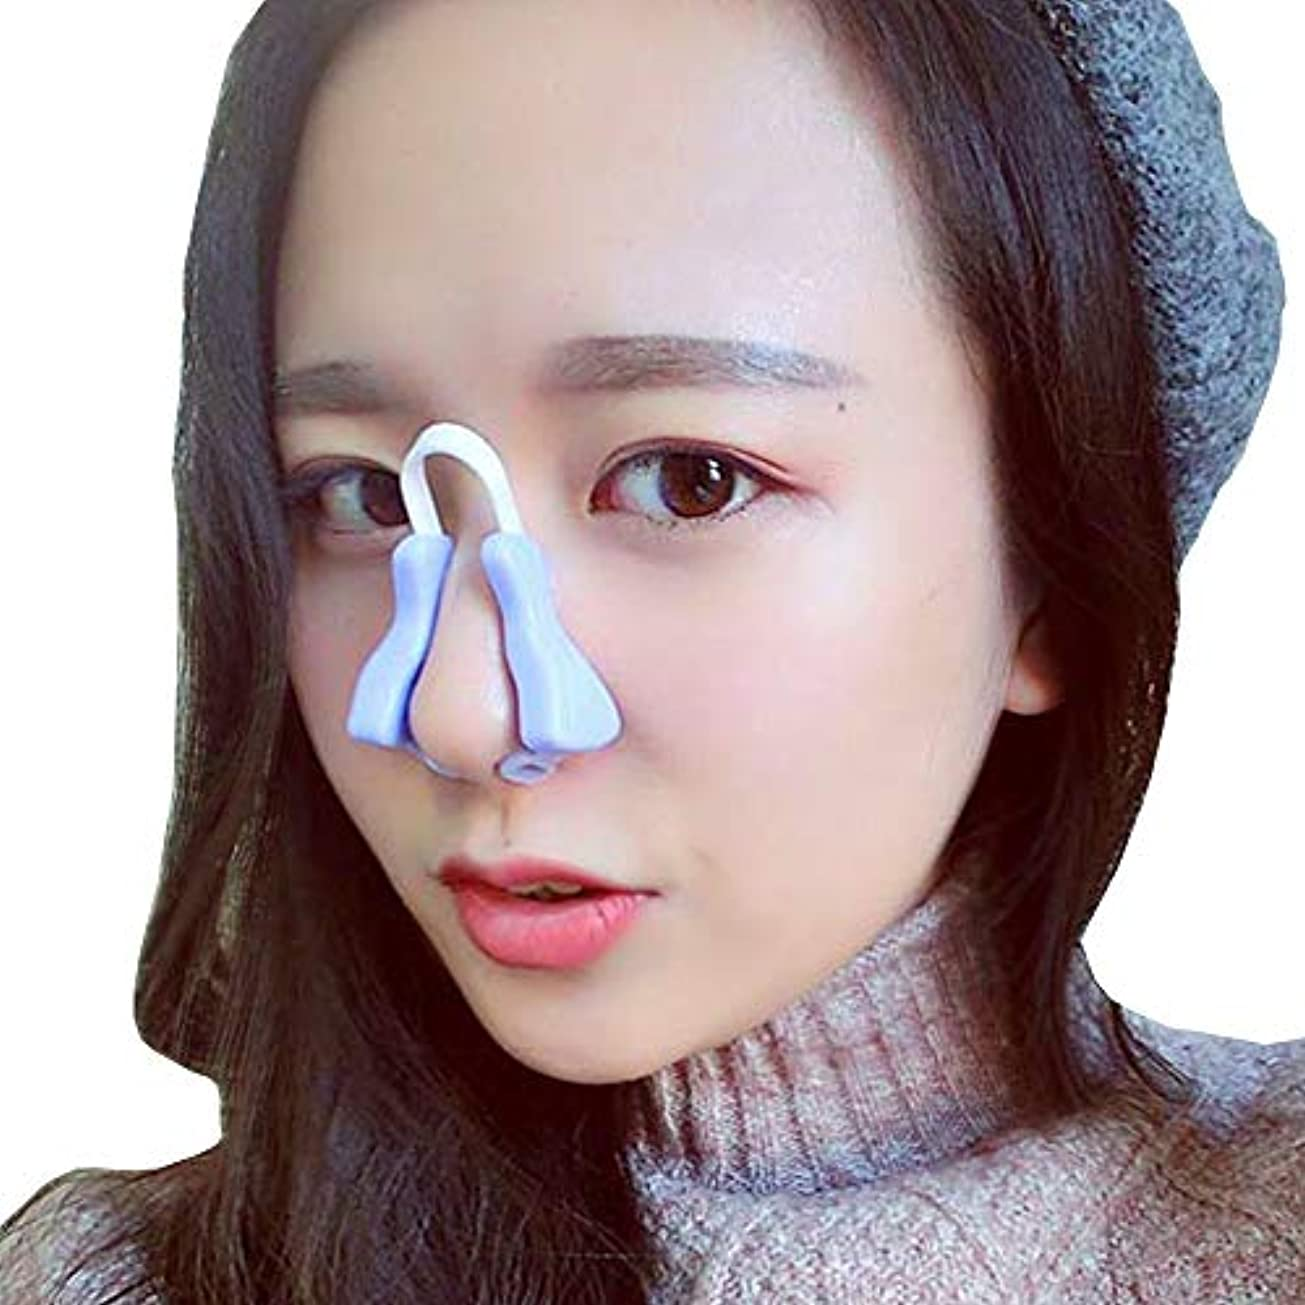 YOE(ヨイ) ノーズアップ 鼻プチ 鼻筋ビューティー ノーズクリップ 美鼻でナイト プチ整形 鼻 矯正 ノーズピン (フリーサイズ, パープル)